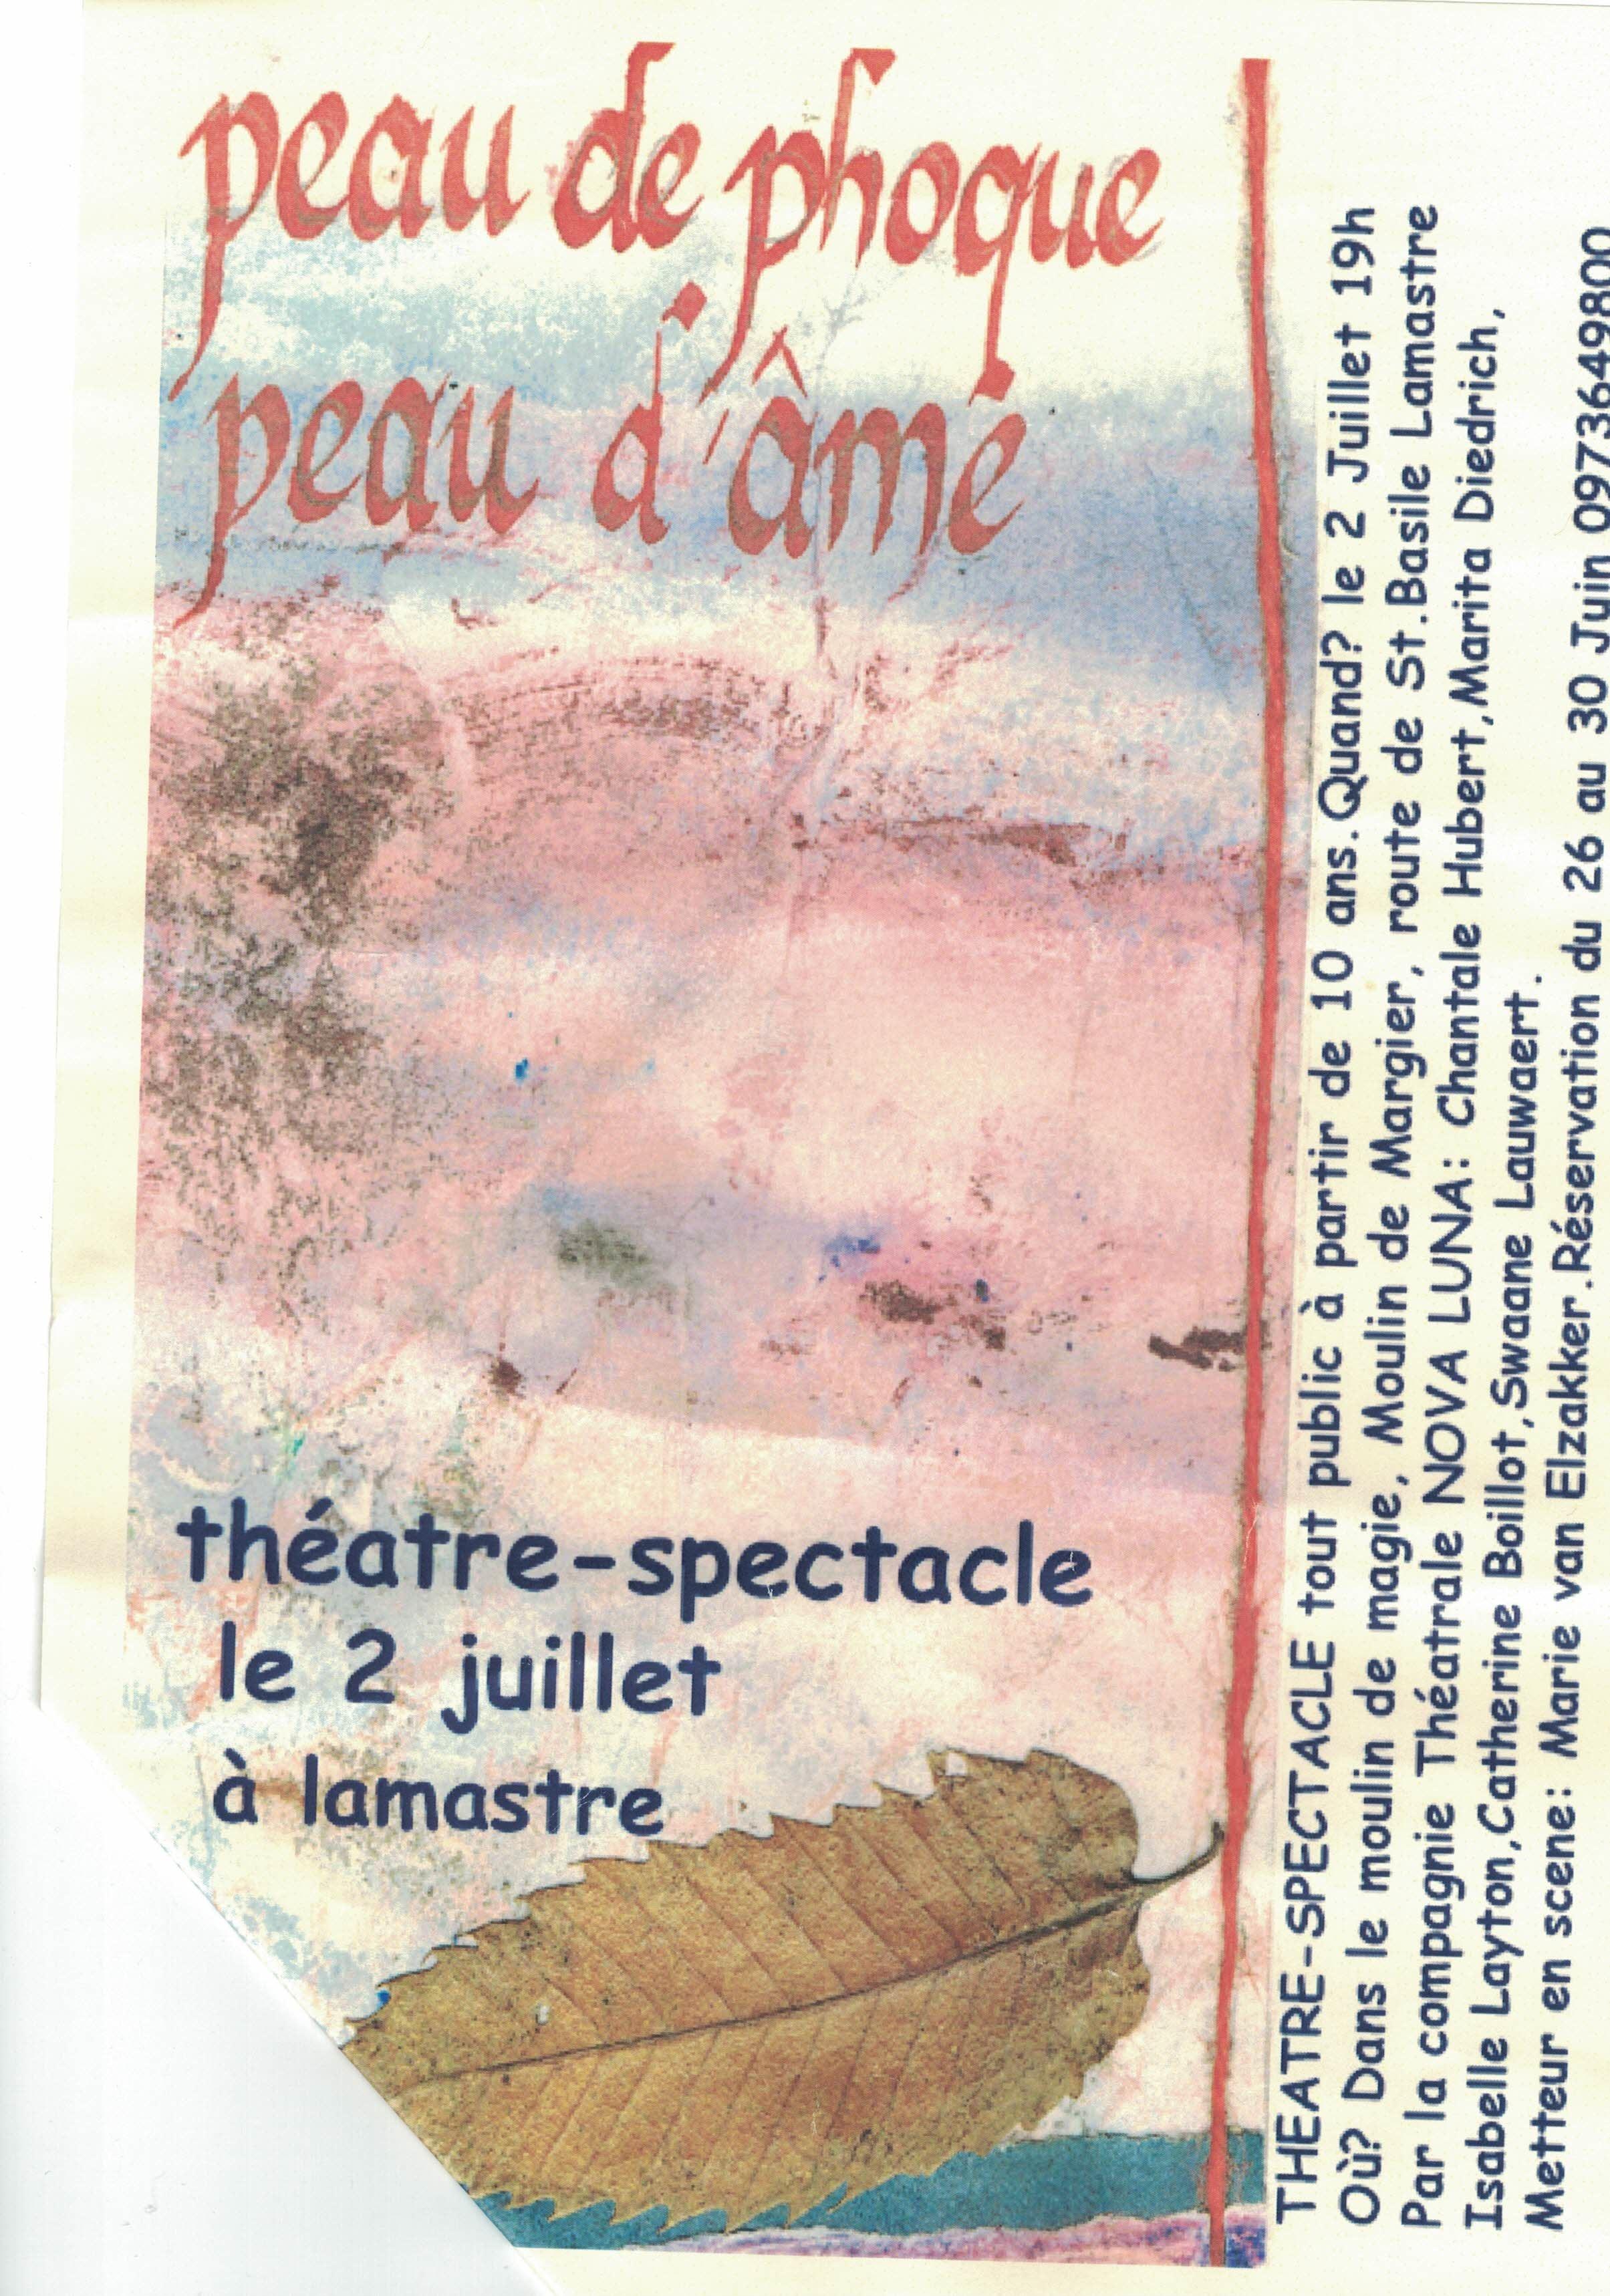 peau de phoque peau d'ame lamastre theatre